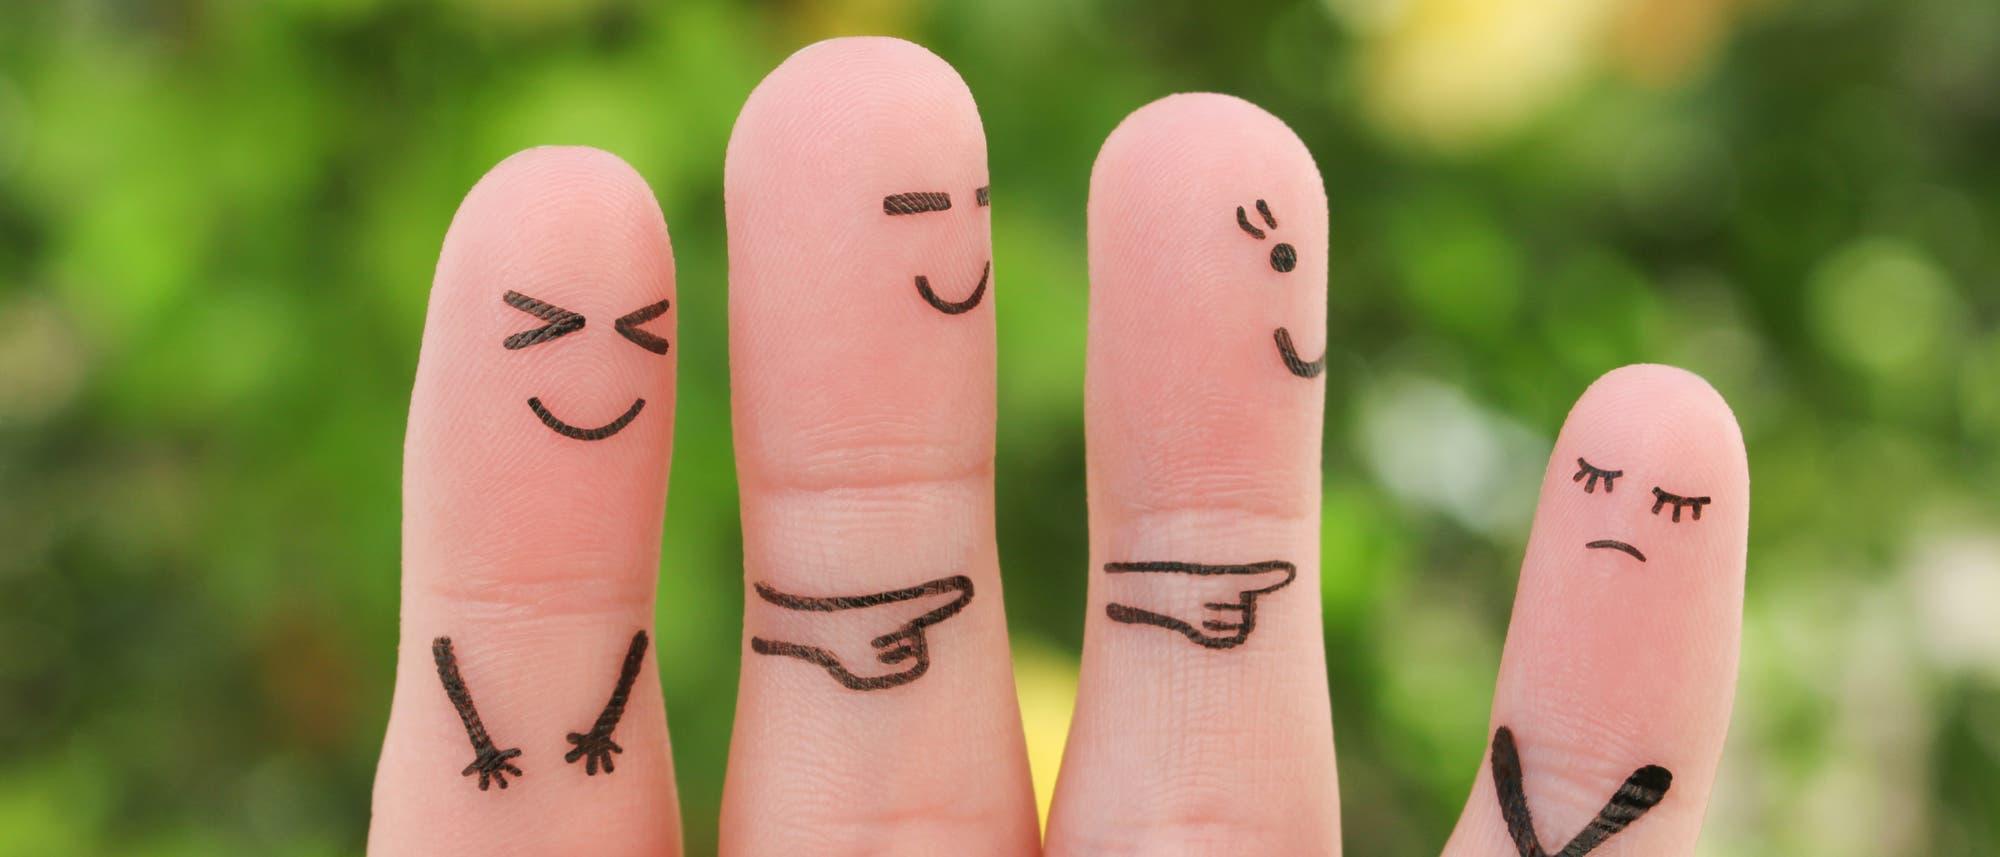 Drei Fingerfiguren grenzen eine vierte aus